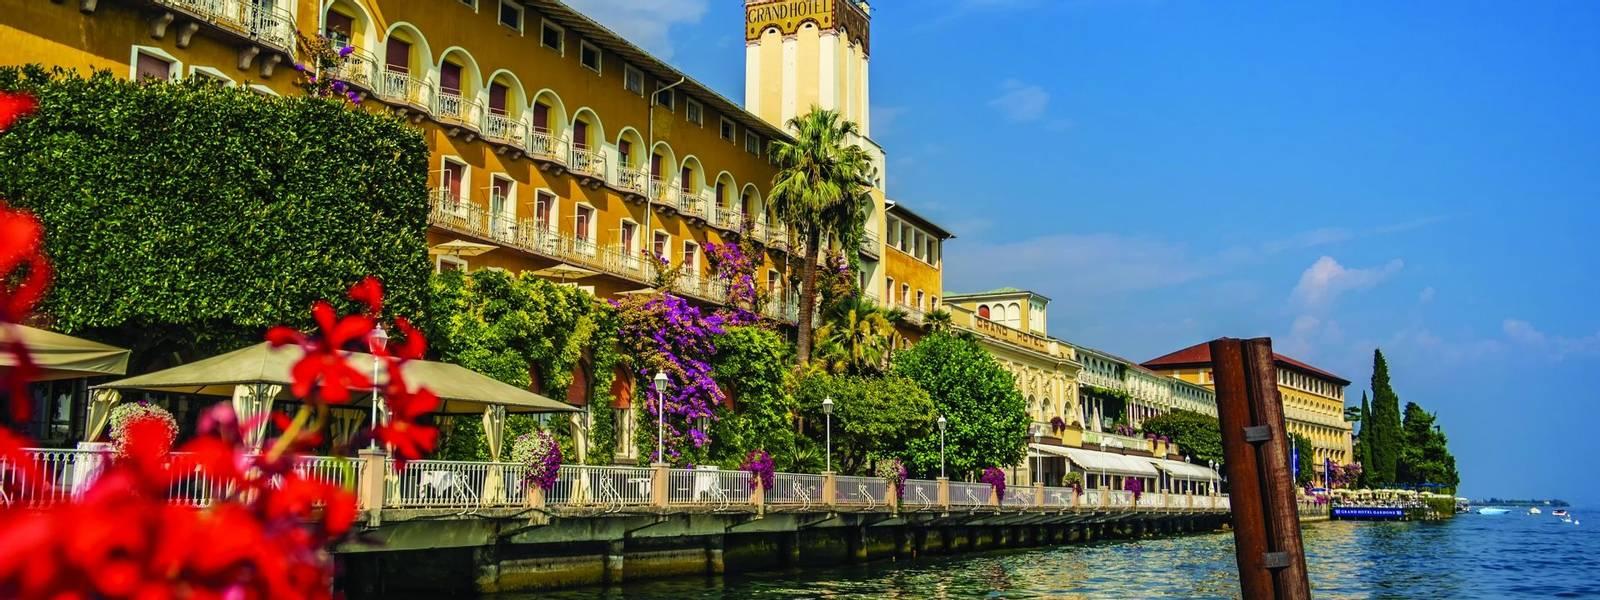 Vista lungo Garda lago presso Gardone Riviera in provincia di Brescia. 10 Settembre 2018 Gardone Riviera, Lombardia - Italia